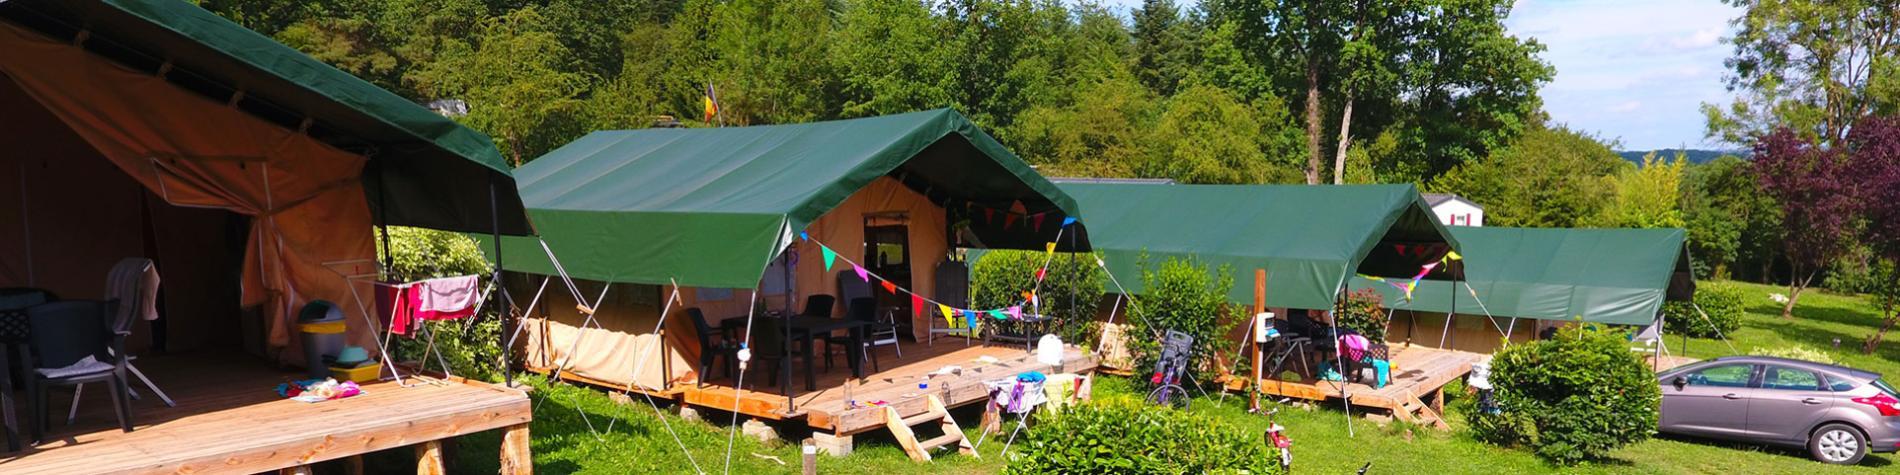 Camping en Wallonie - camp - campement - bivouac - aire touristique - nature - Le Roptai